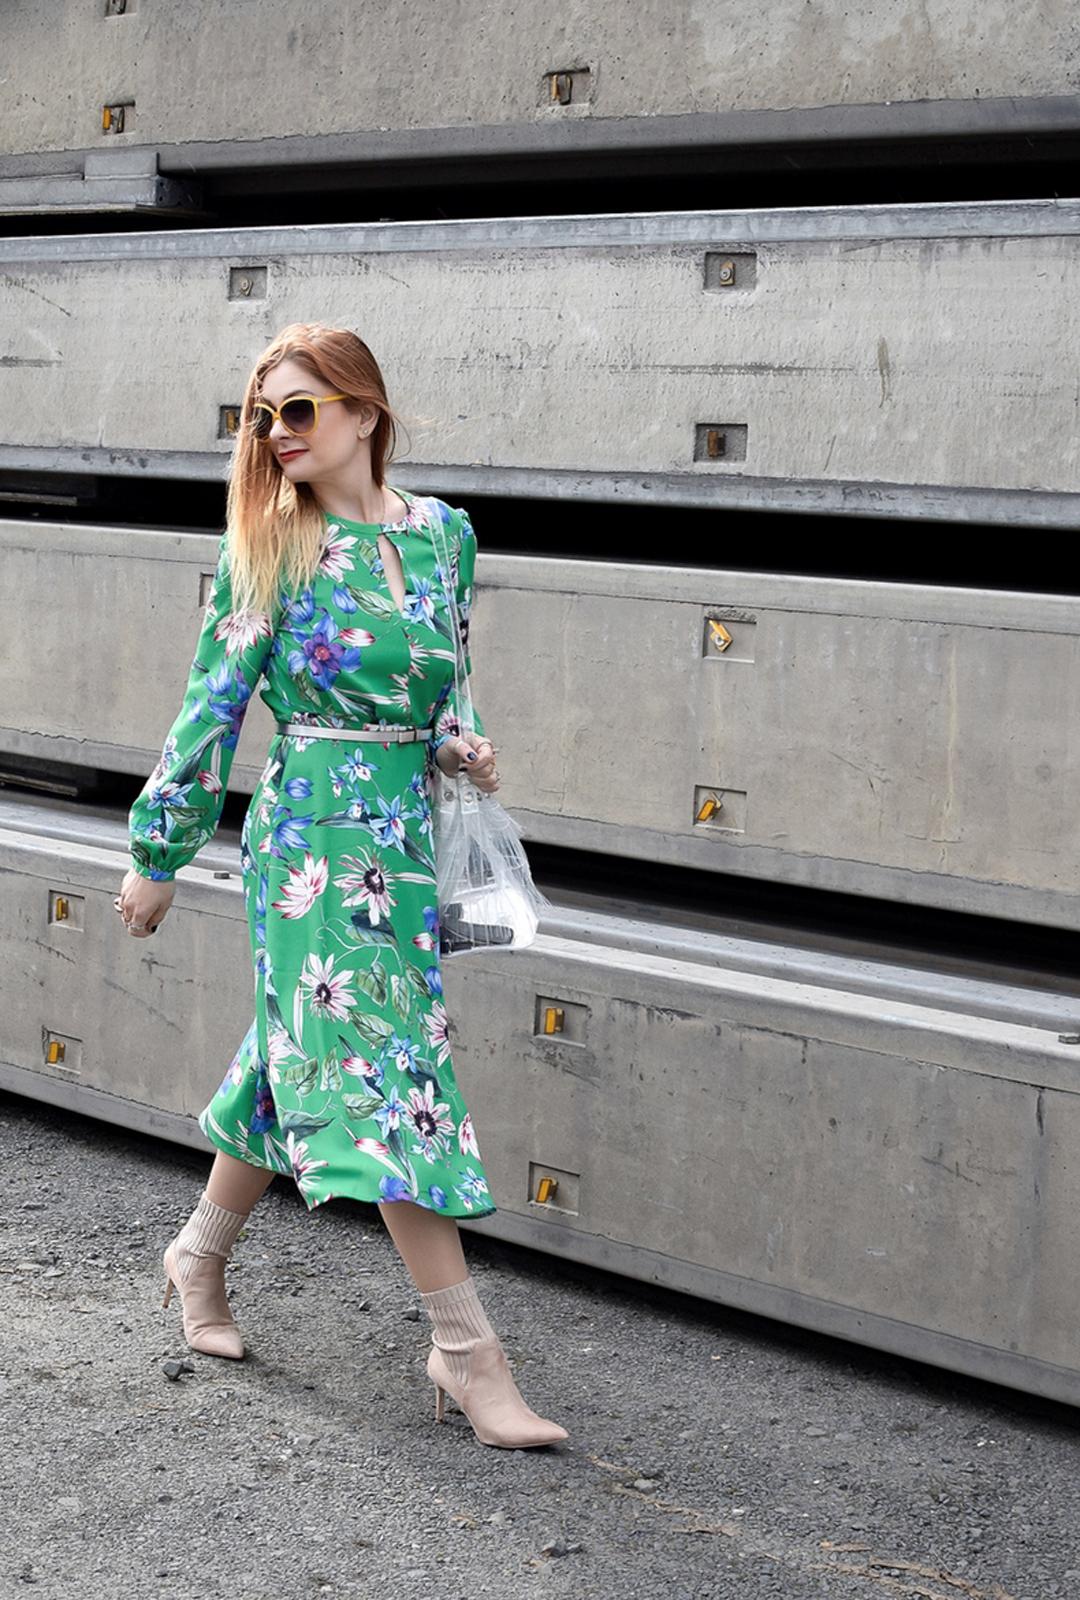 grünes Sommerkleid von H&M, wie kombiniere ich grün, Modeblog für Ü40 Frauen